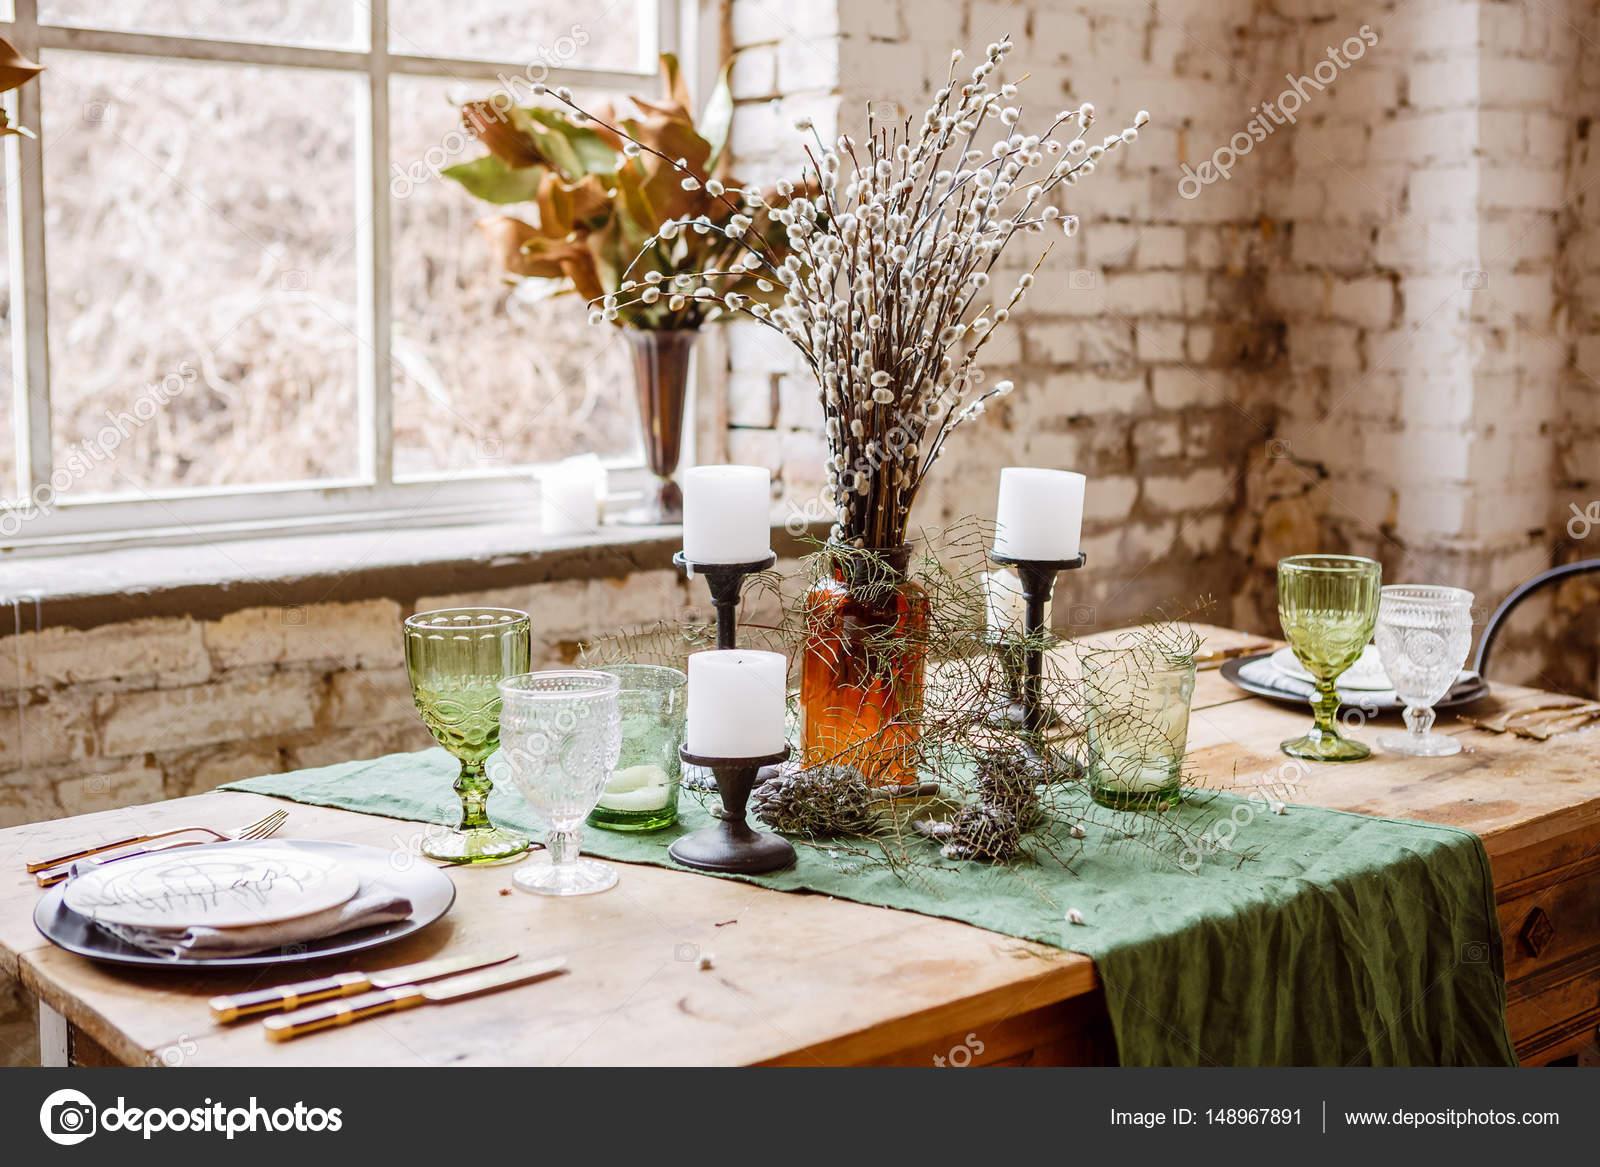 Stenen Muur Interieur : Loft interieur met bakstenen muur tafel en stoelen u stockfoto